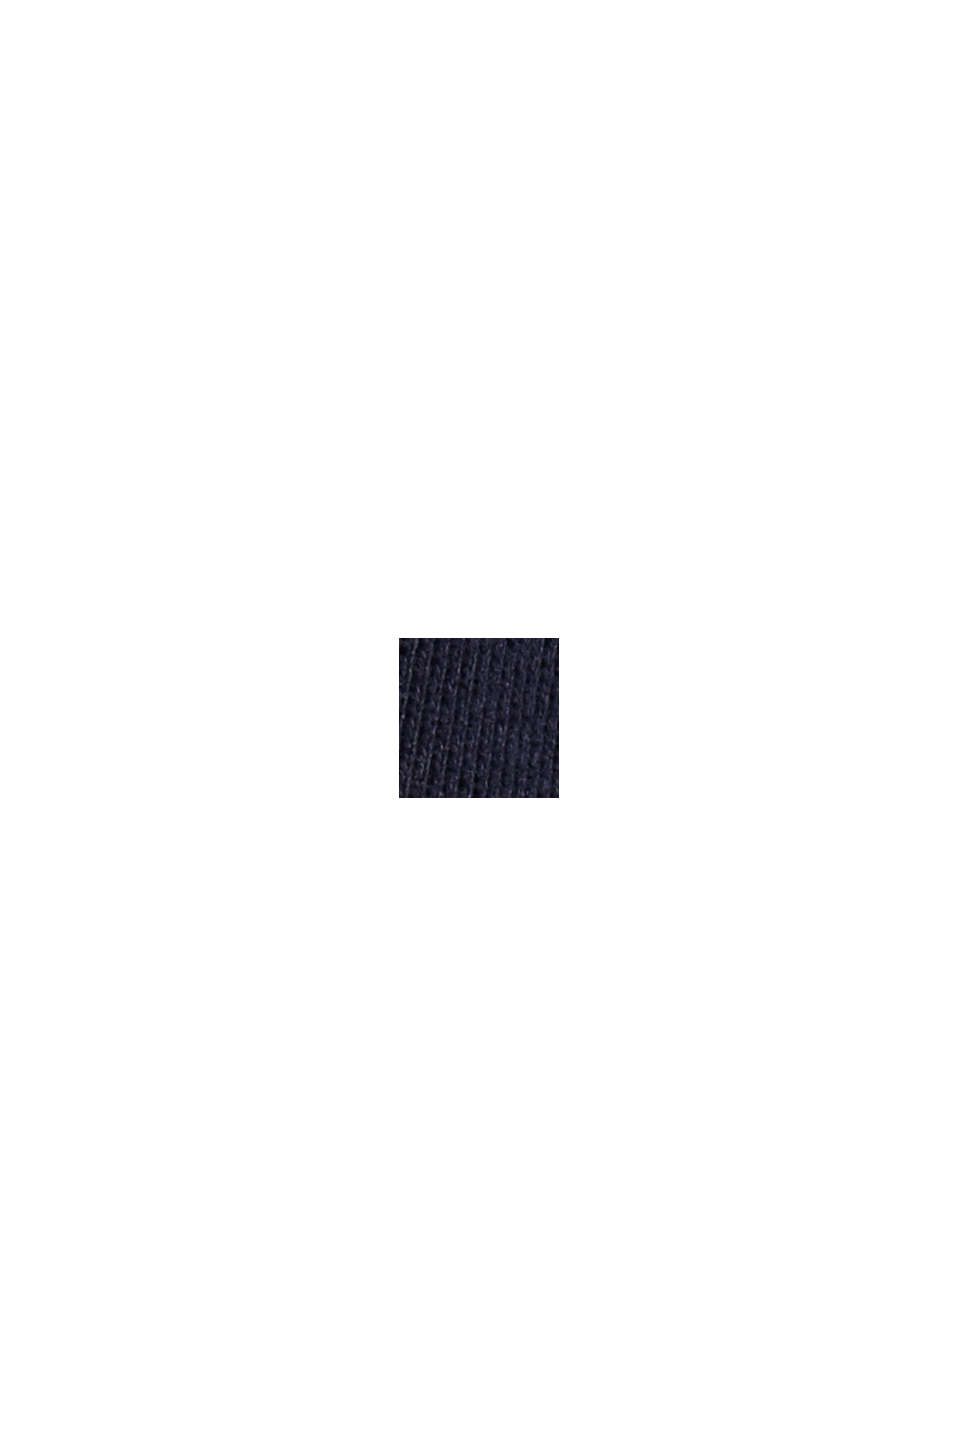 Sweat-shirt color block en coton mélangé, MEDIUM GREY, swatch